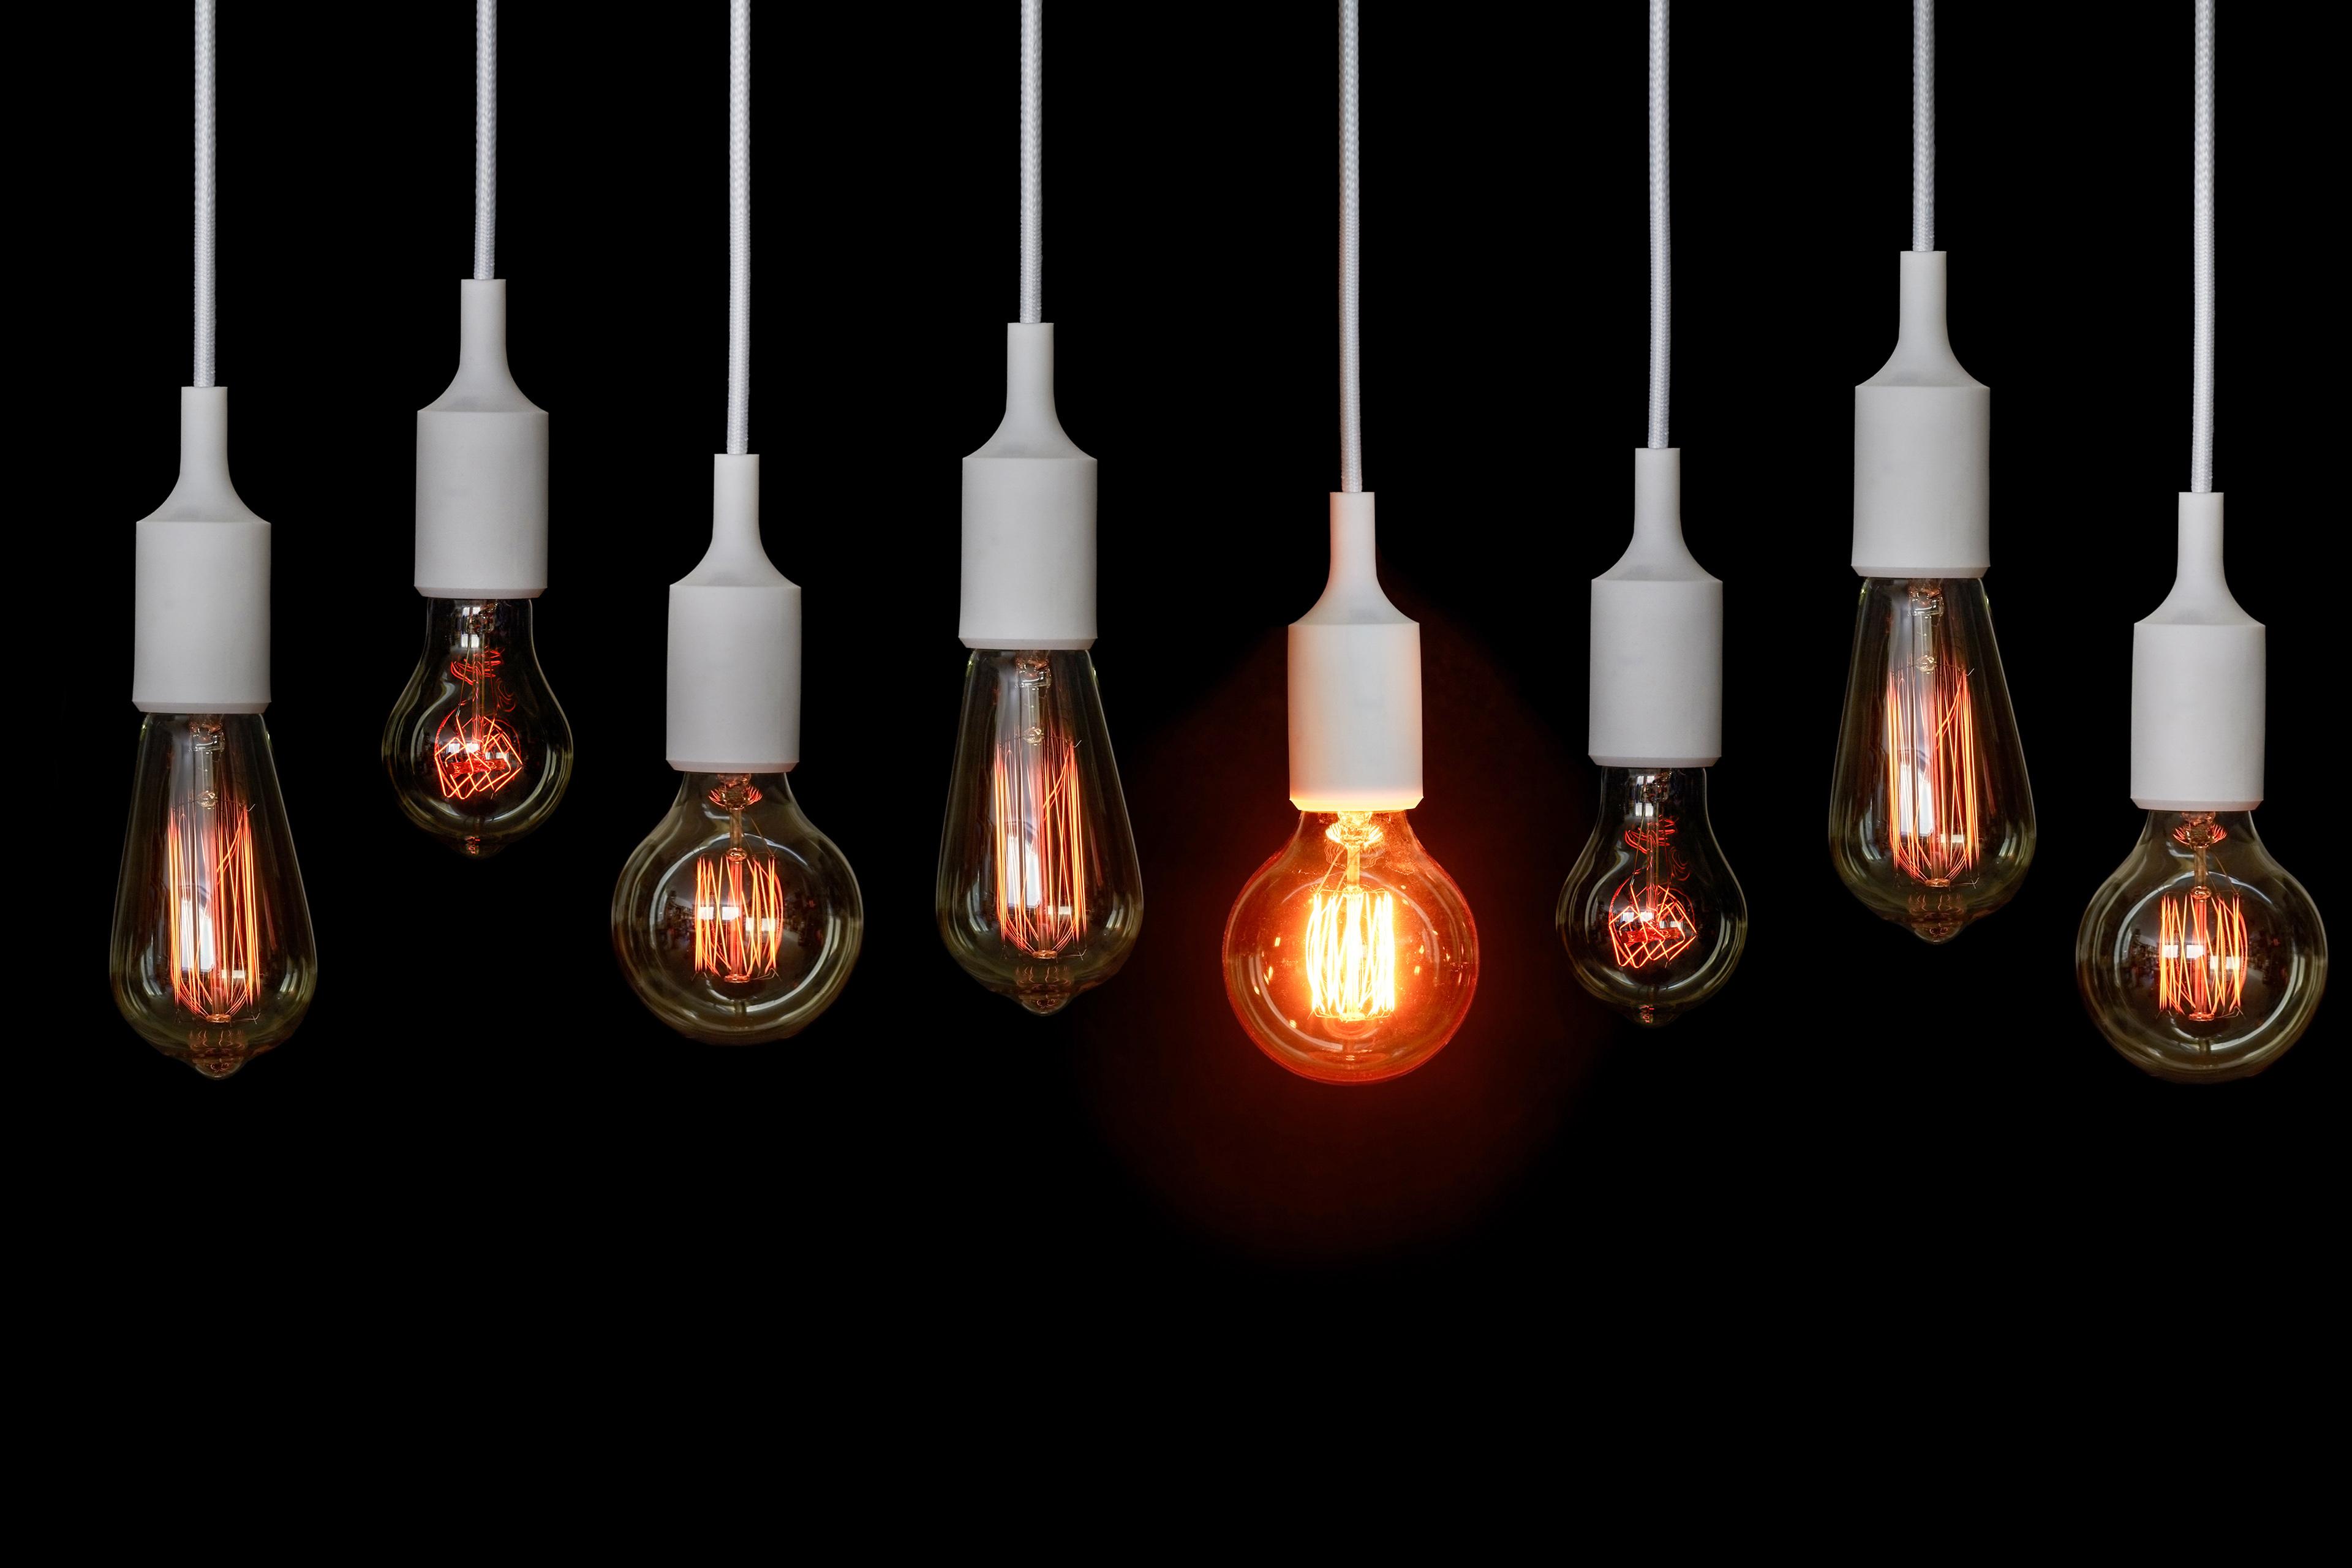 Reihe von Glühbirnen und eine leuchtet